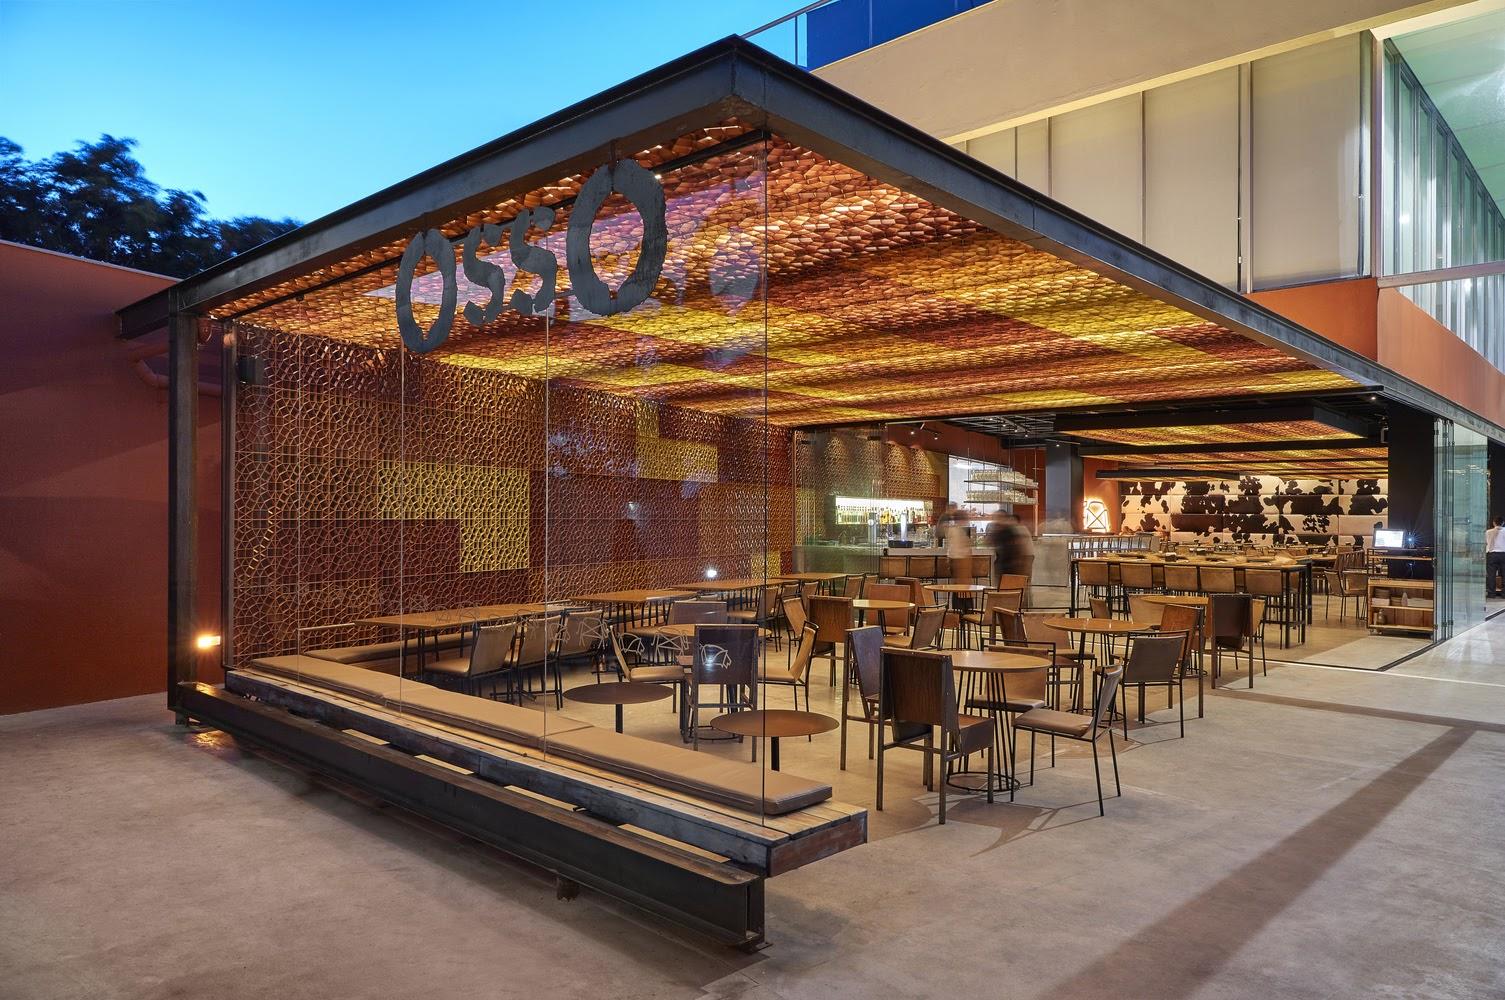 Mẫu nhà tiền chế cấp 4 ứng dụng làm nhà hàng, quán cafe